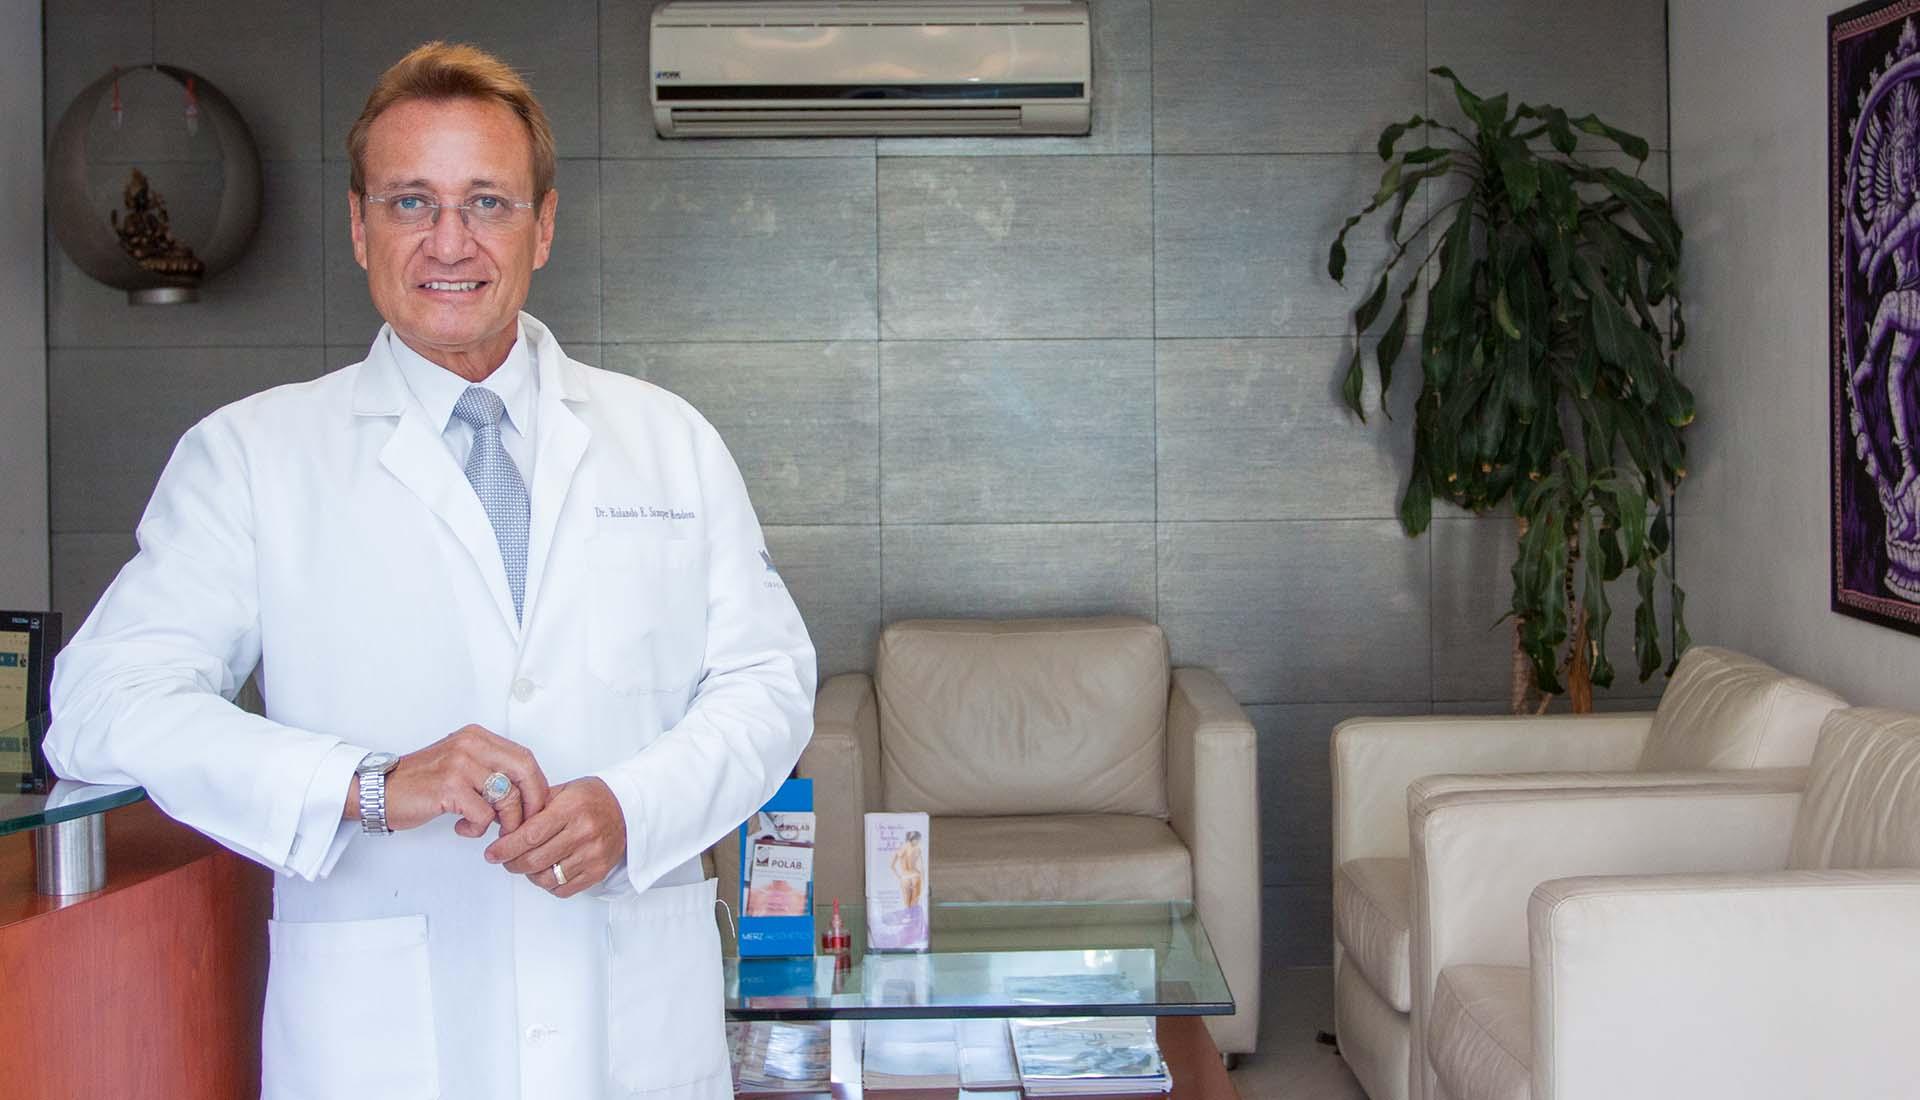 Doctor Rolando Samper